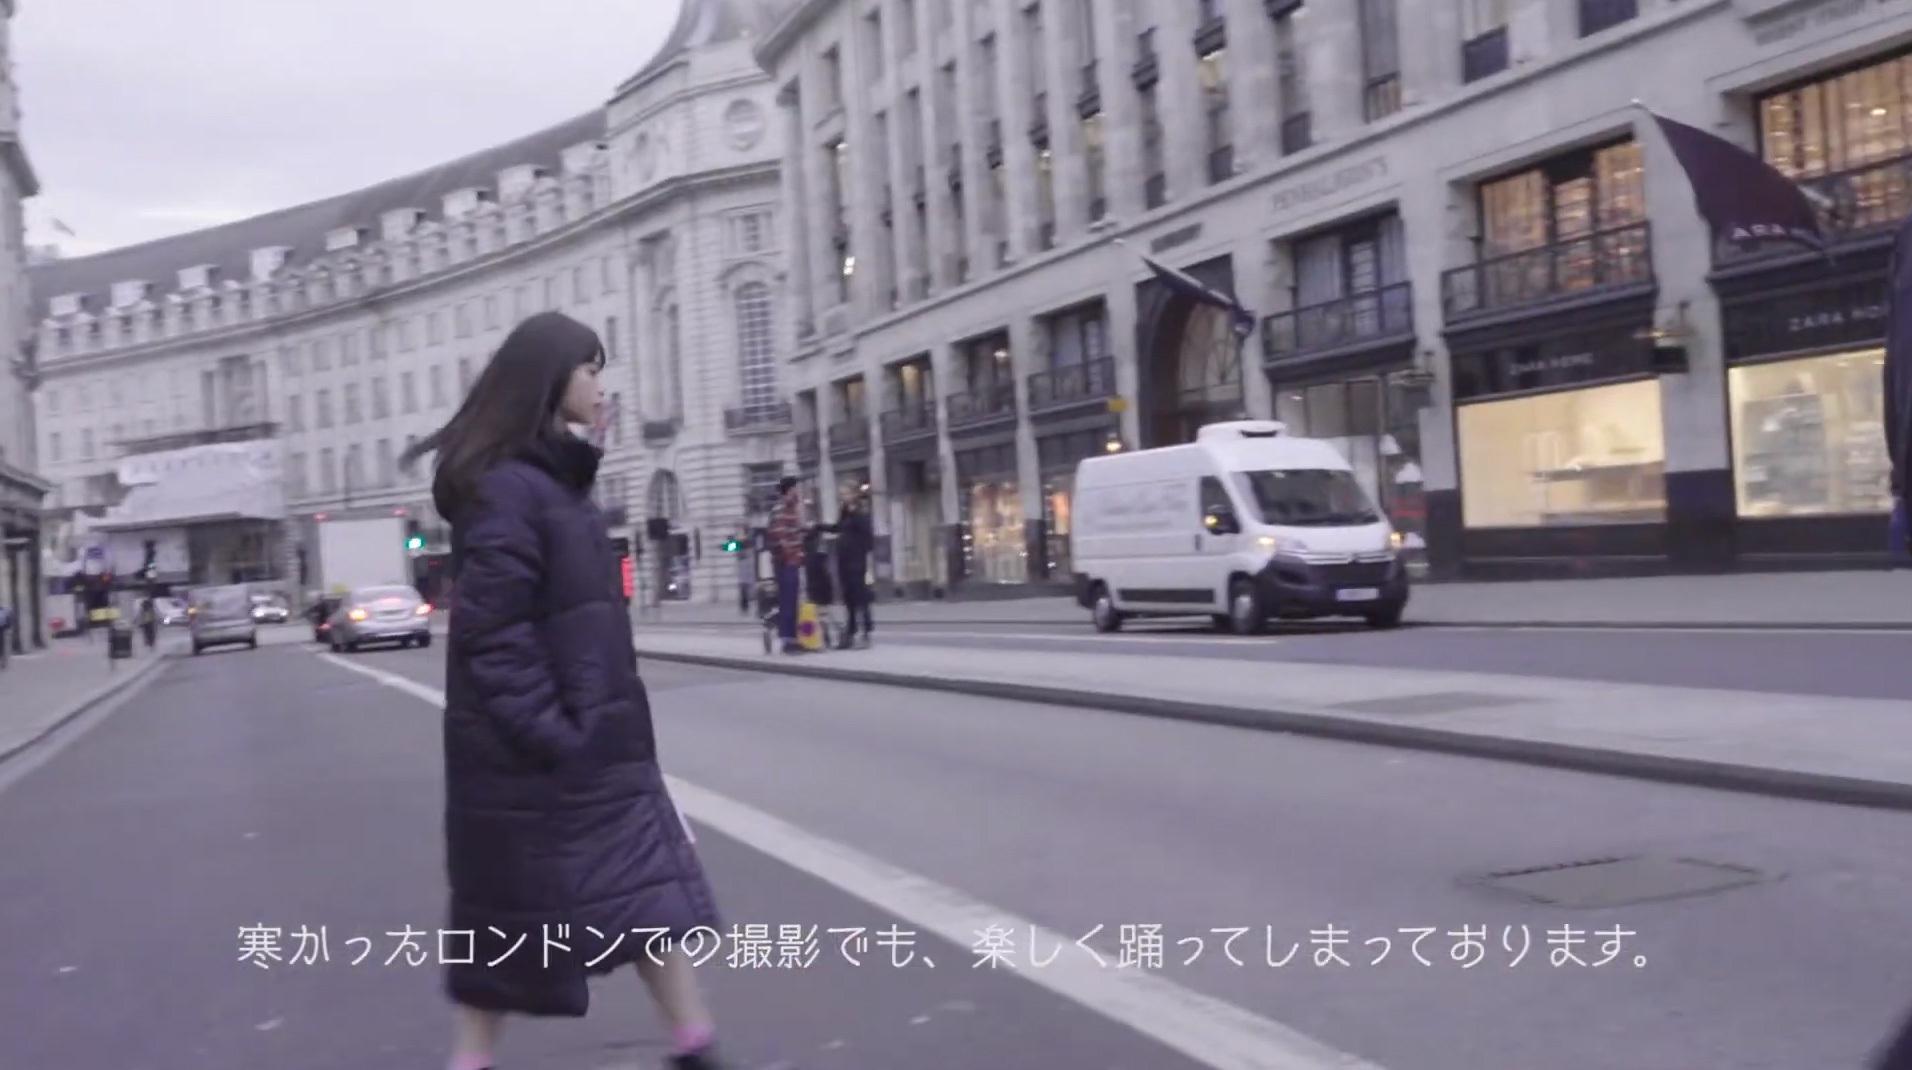 マジでロンドンで撮影してたんだな!乃木坂46×地銀カードローン「カラフル編2nd」が公開